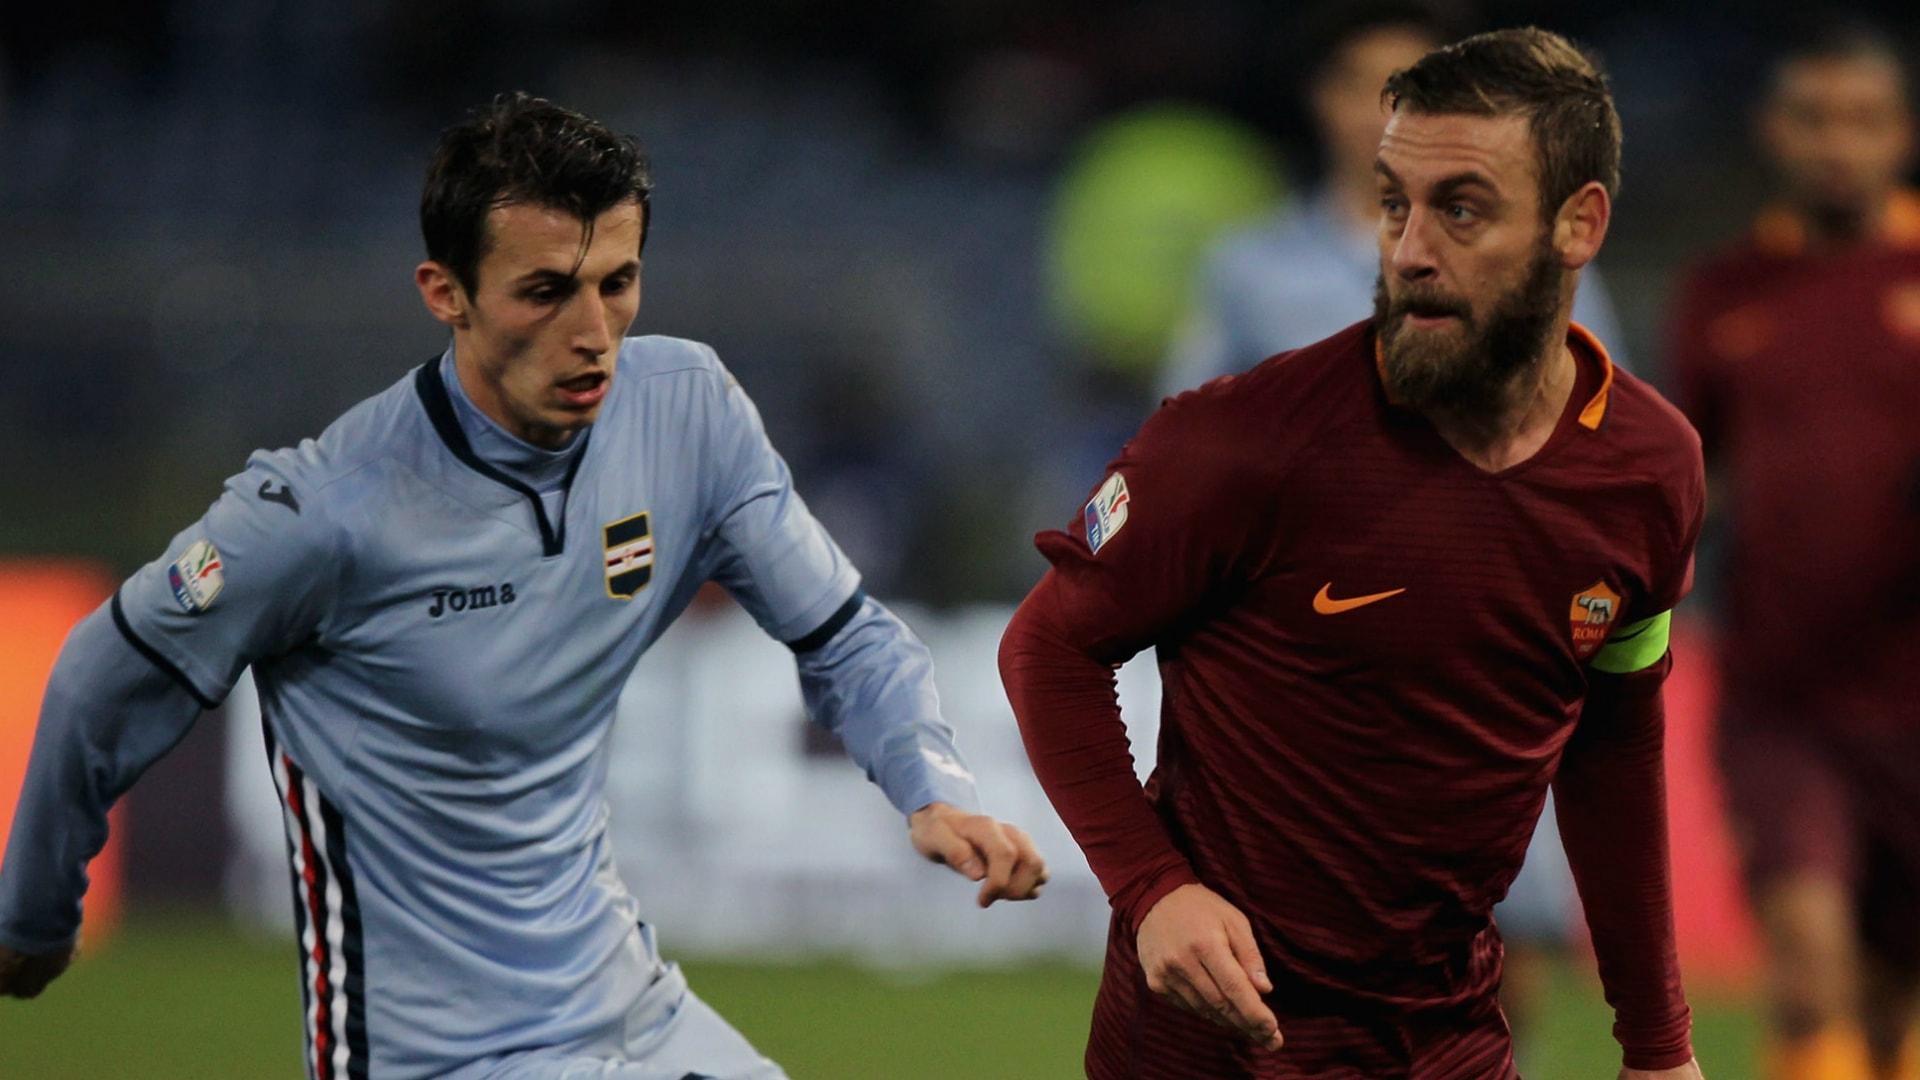 Sampdoria Genoa - AS Roma (PREVIEW) 24.01.2018